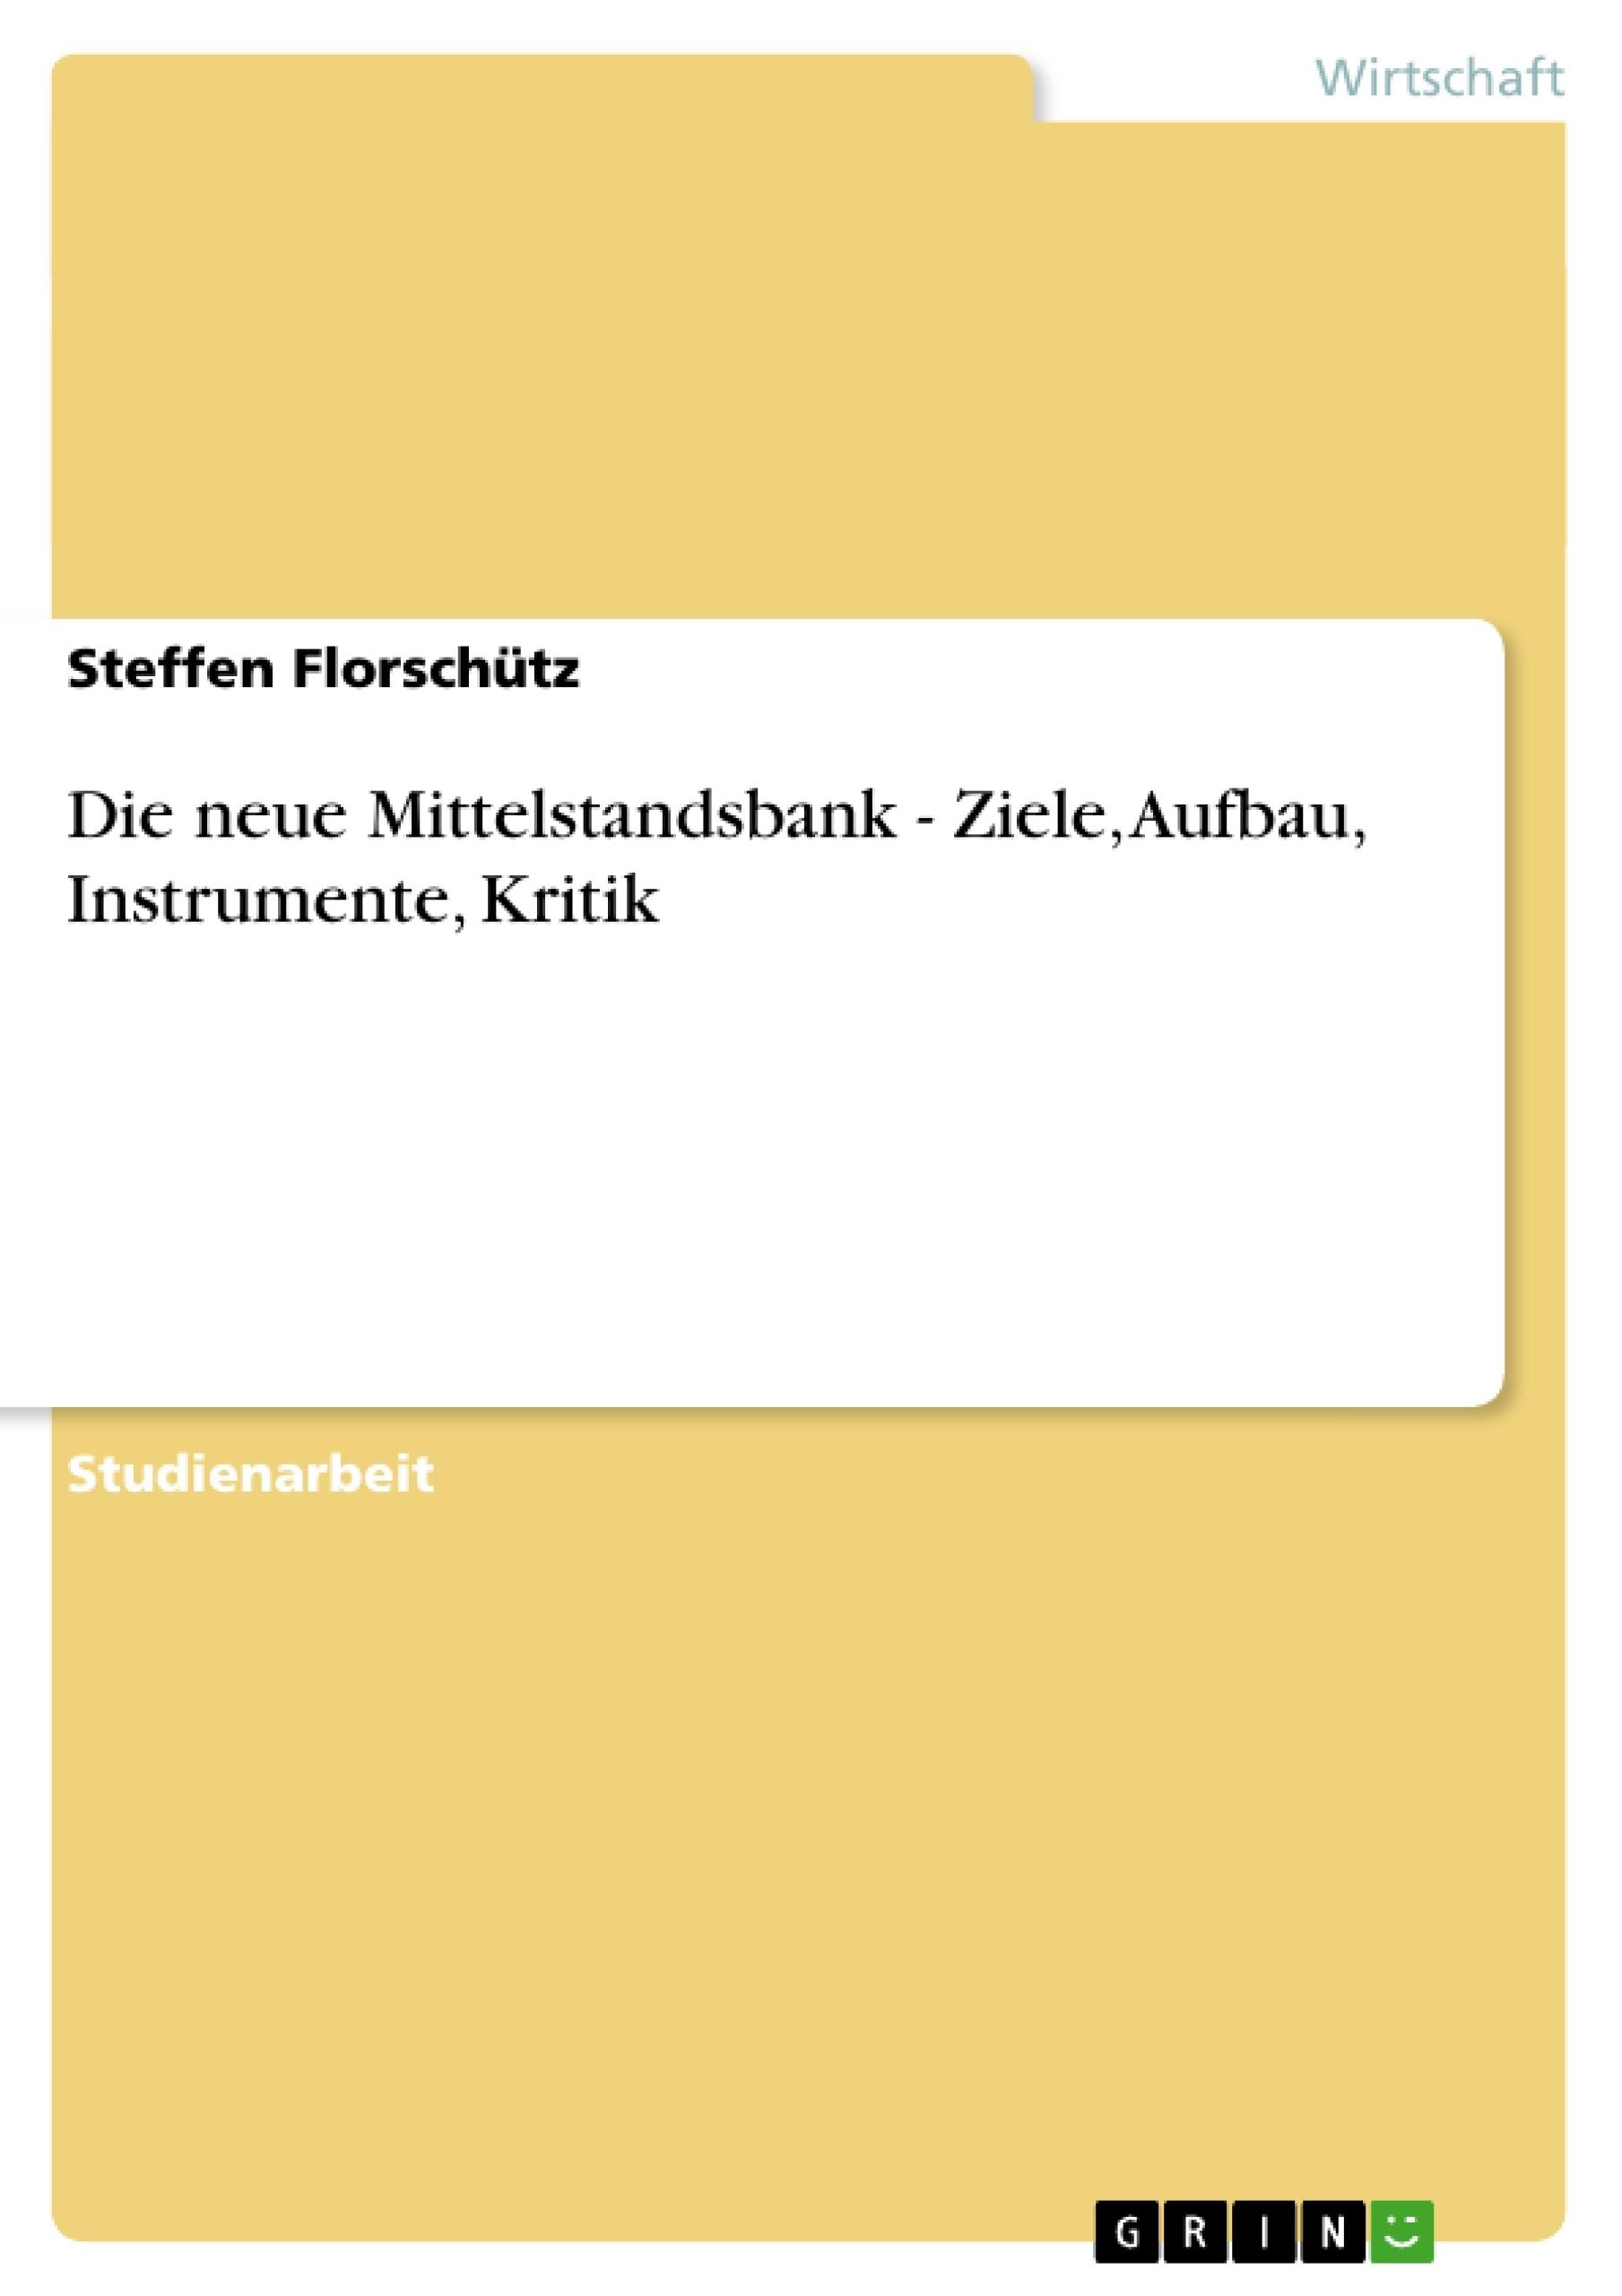 Titel: Die neue Mittelstandsbank - Ziele, Aufbau, Instrumente, Kritik